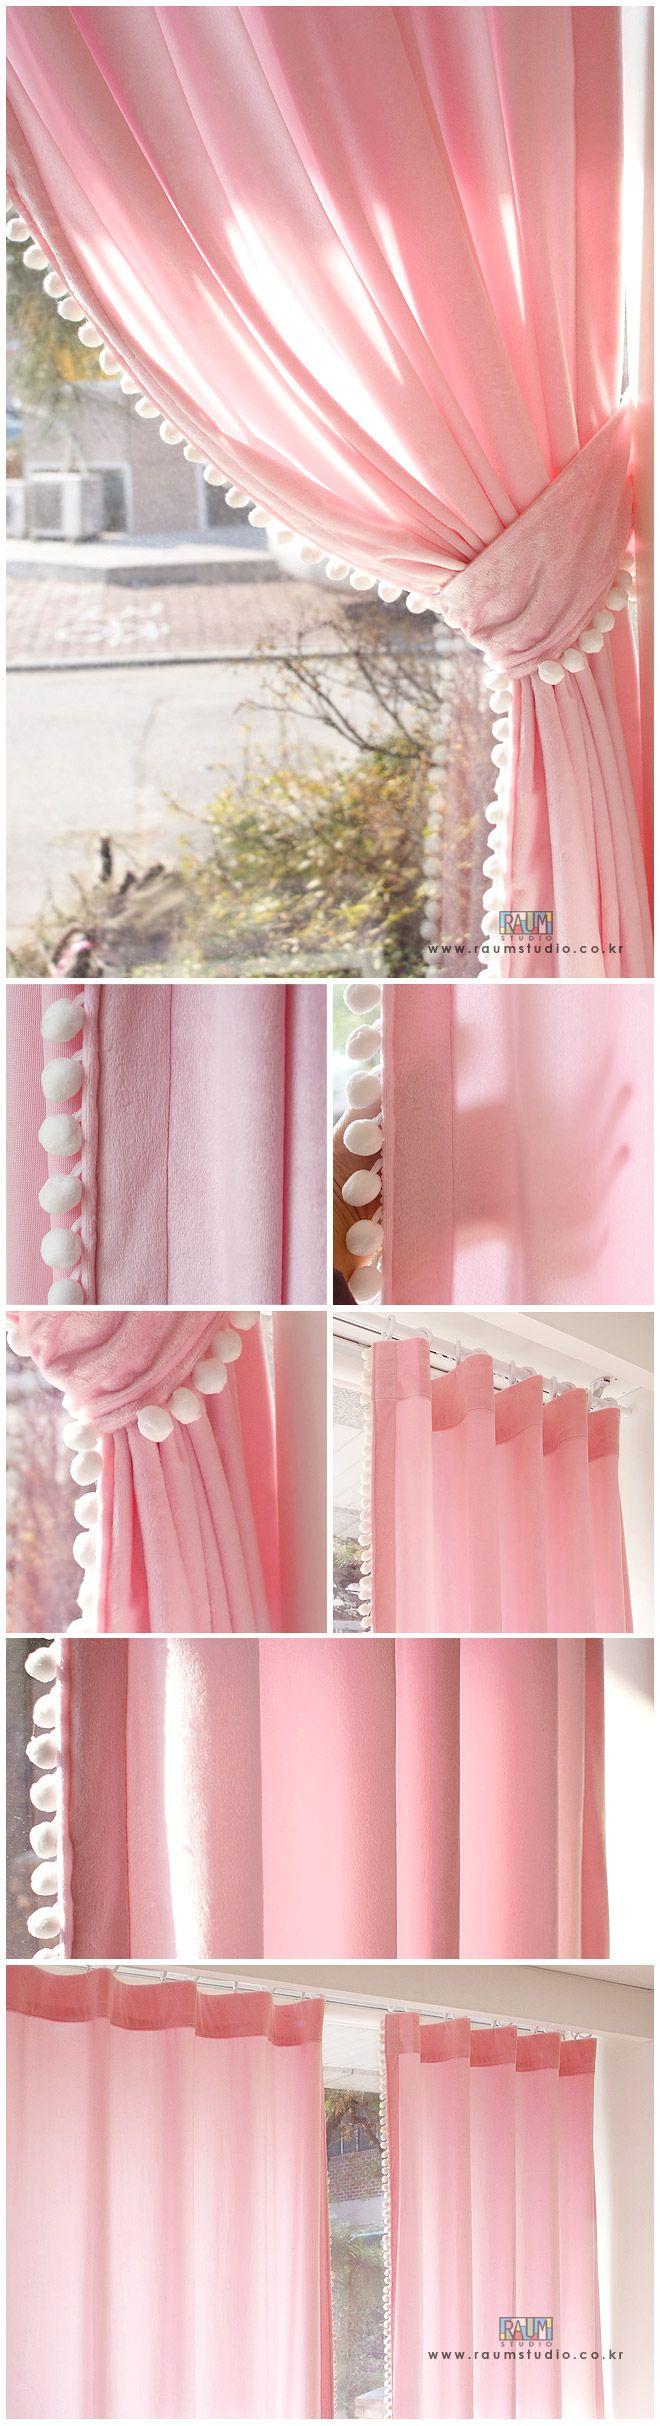 Белый мех мяч кружевные юбки кружевные юбки, украшенные шарики домой поделки кружевные занавески ткань одного метра Рекомендованная цена - глобальная станция Taobao